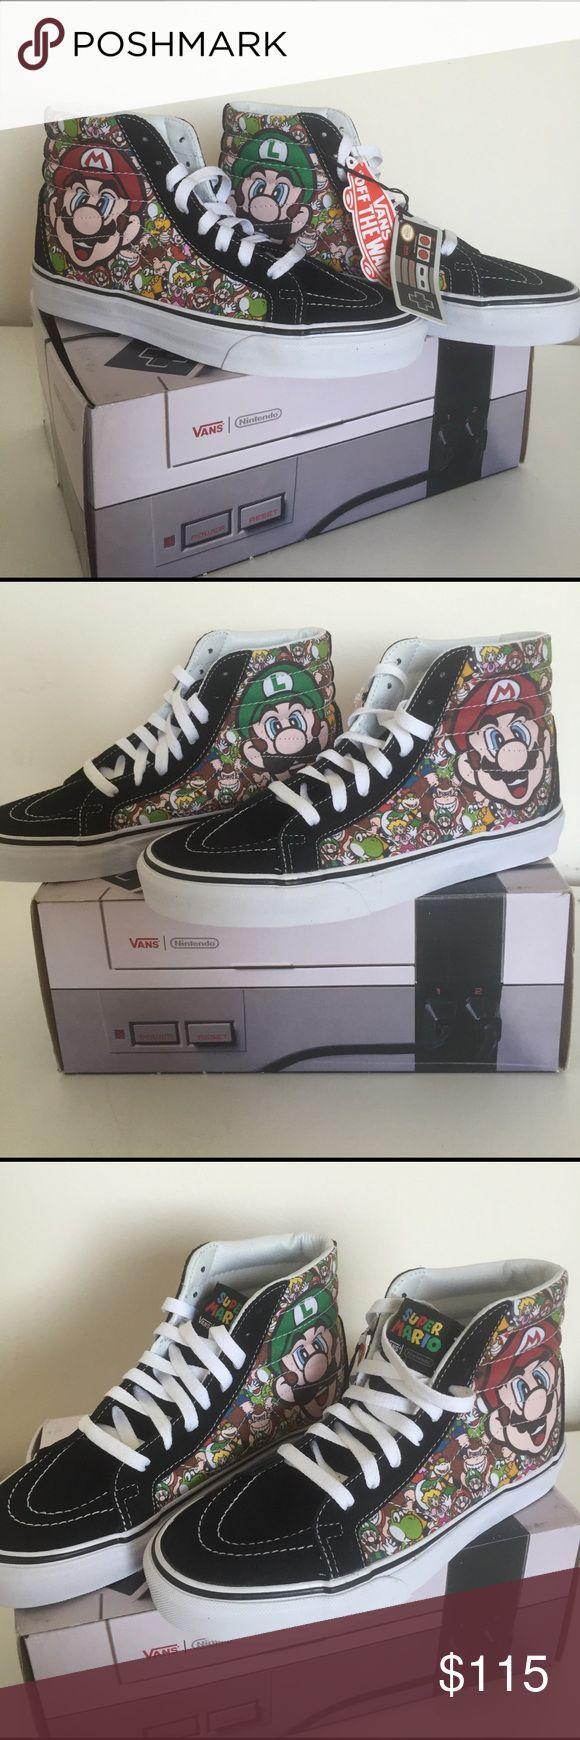 💥NEW💥 Nintendo Super Mario Bros. High Top Vans ⚡️NEW ⚡️ RAD ⚡️Nintendo Mario and Luigi High Top Vans! Unisex men's size 6.5, women's size 8 Vans Shoes Sneakers